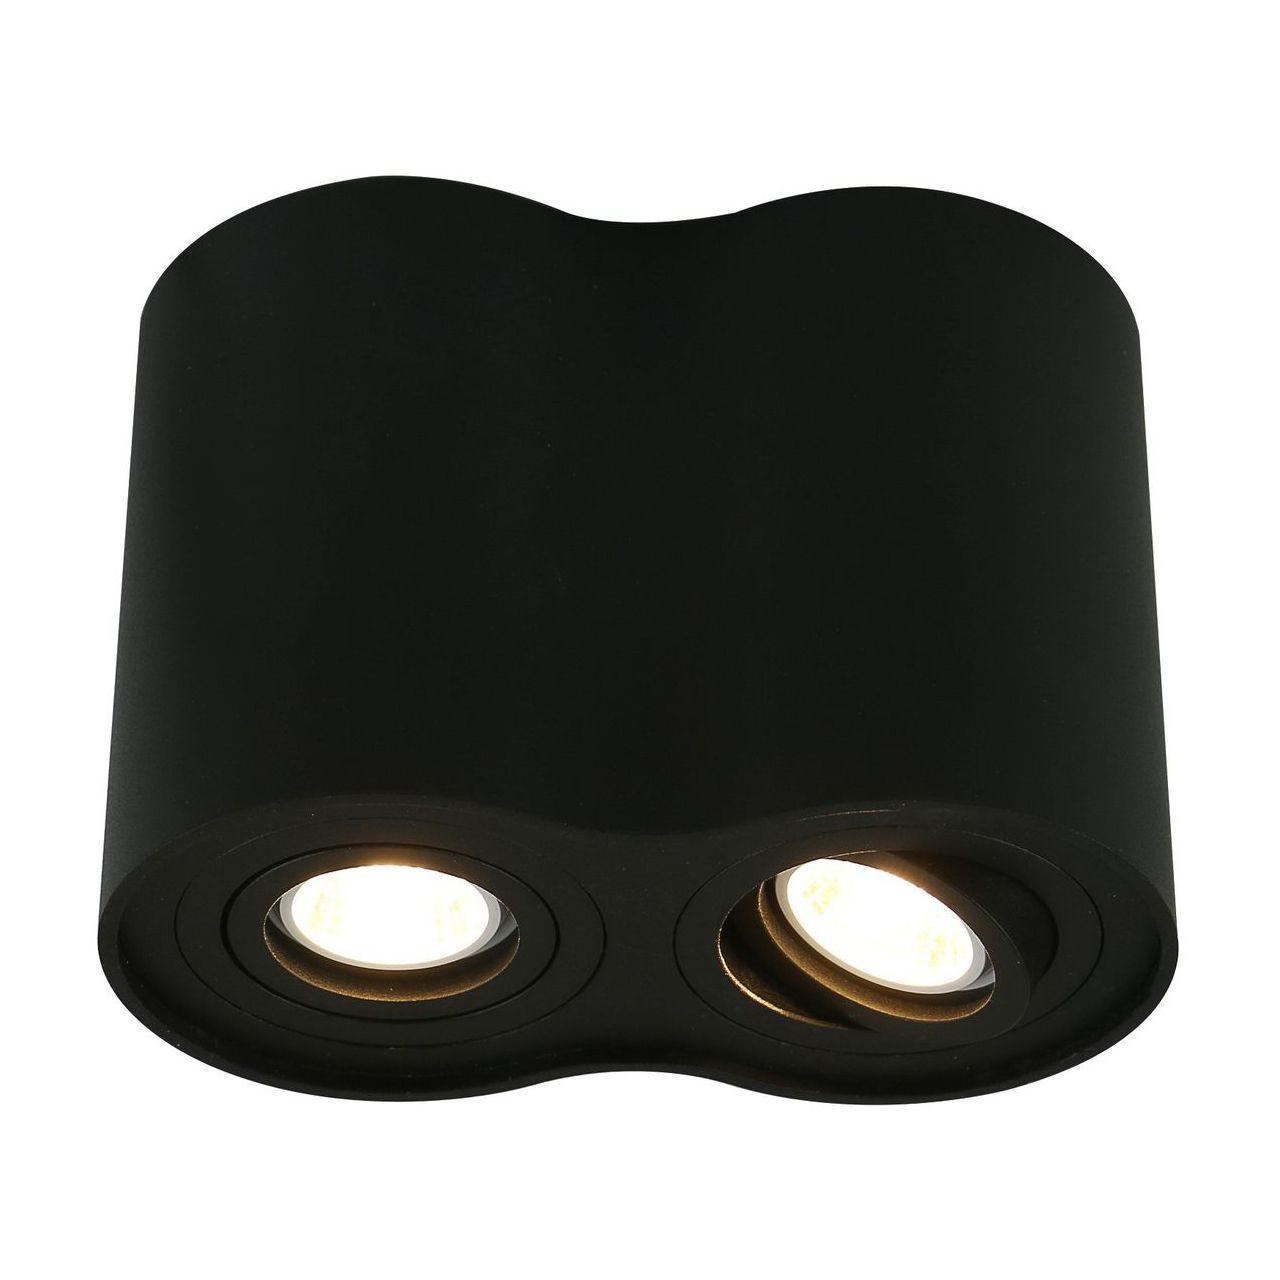 Потолочный светильник Arte Lamp A5644PL-2BK arte lamp бра arte lamp artefact a3225ap 2bk